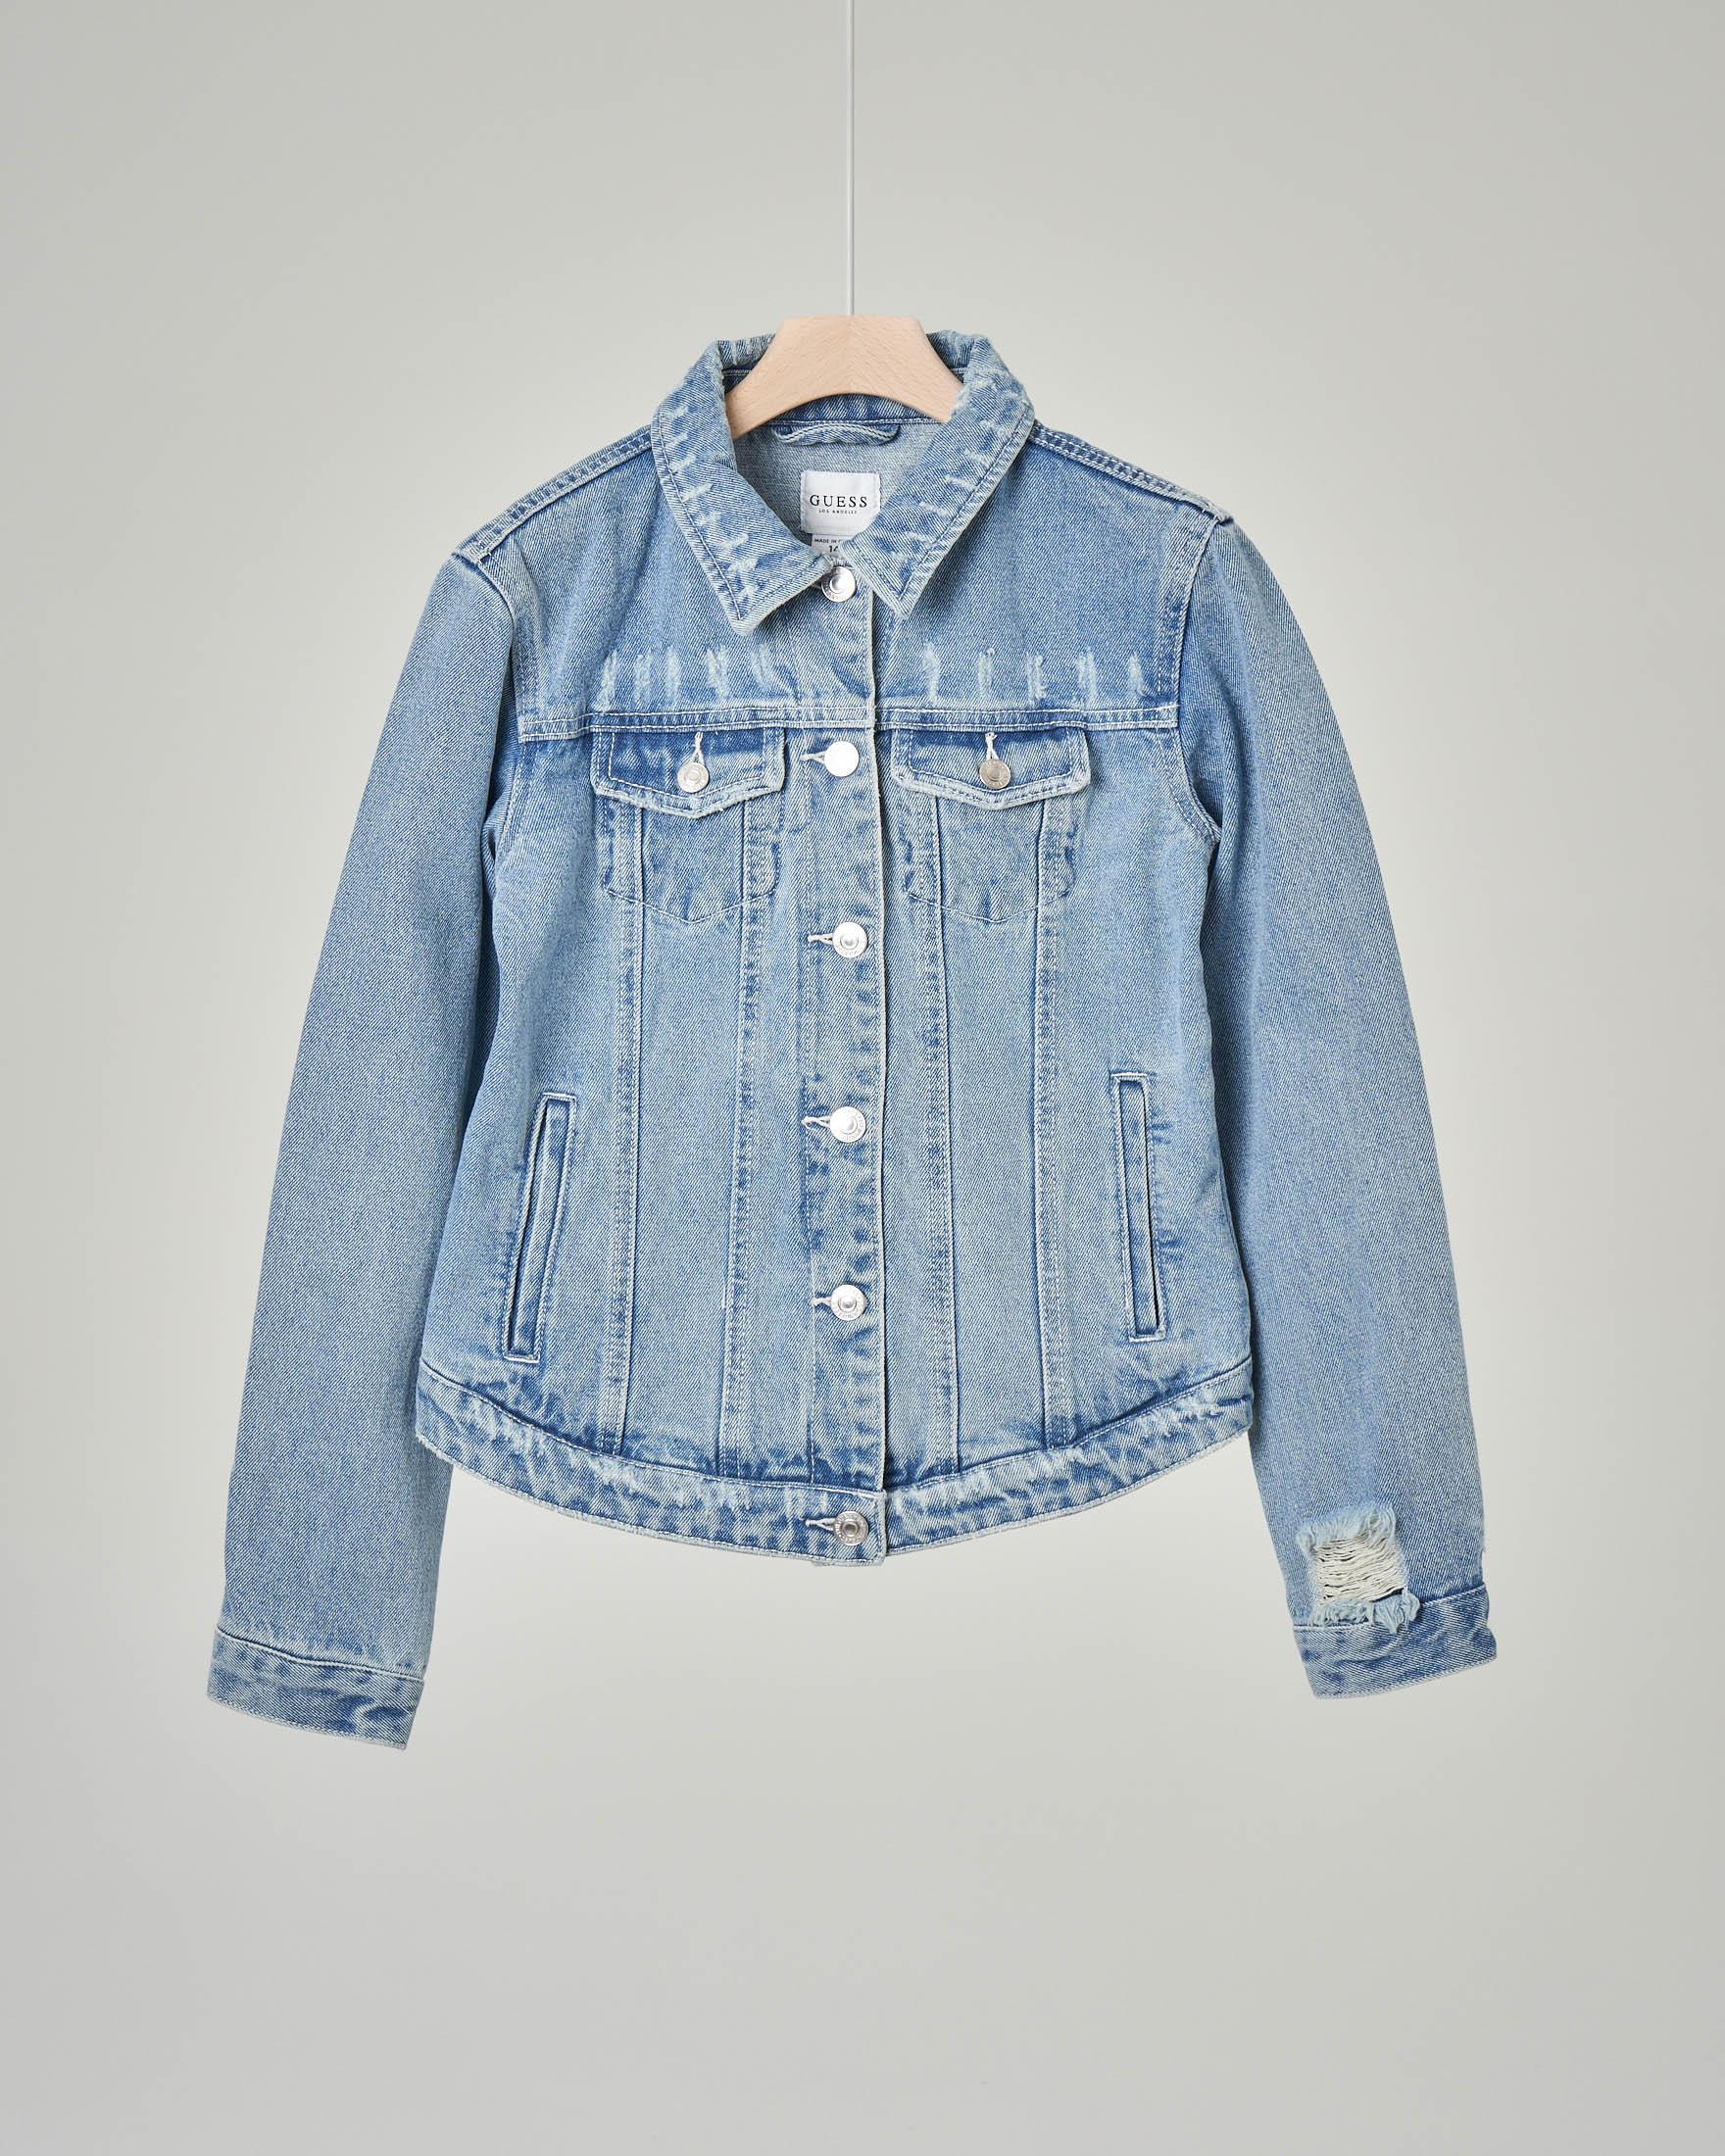 Giubbino jeans con abrasioni e scritta sulla schiena